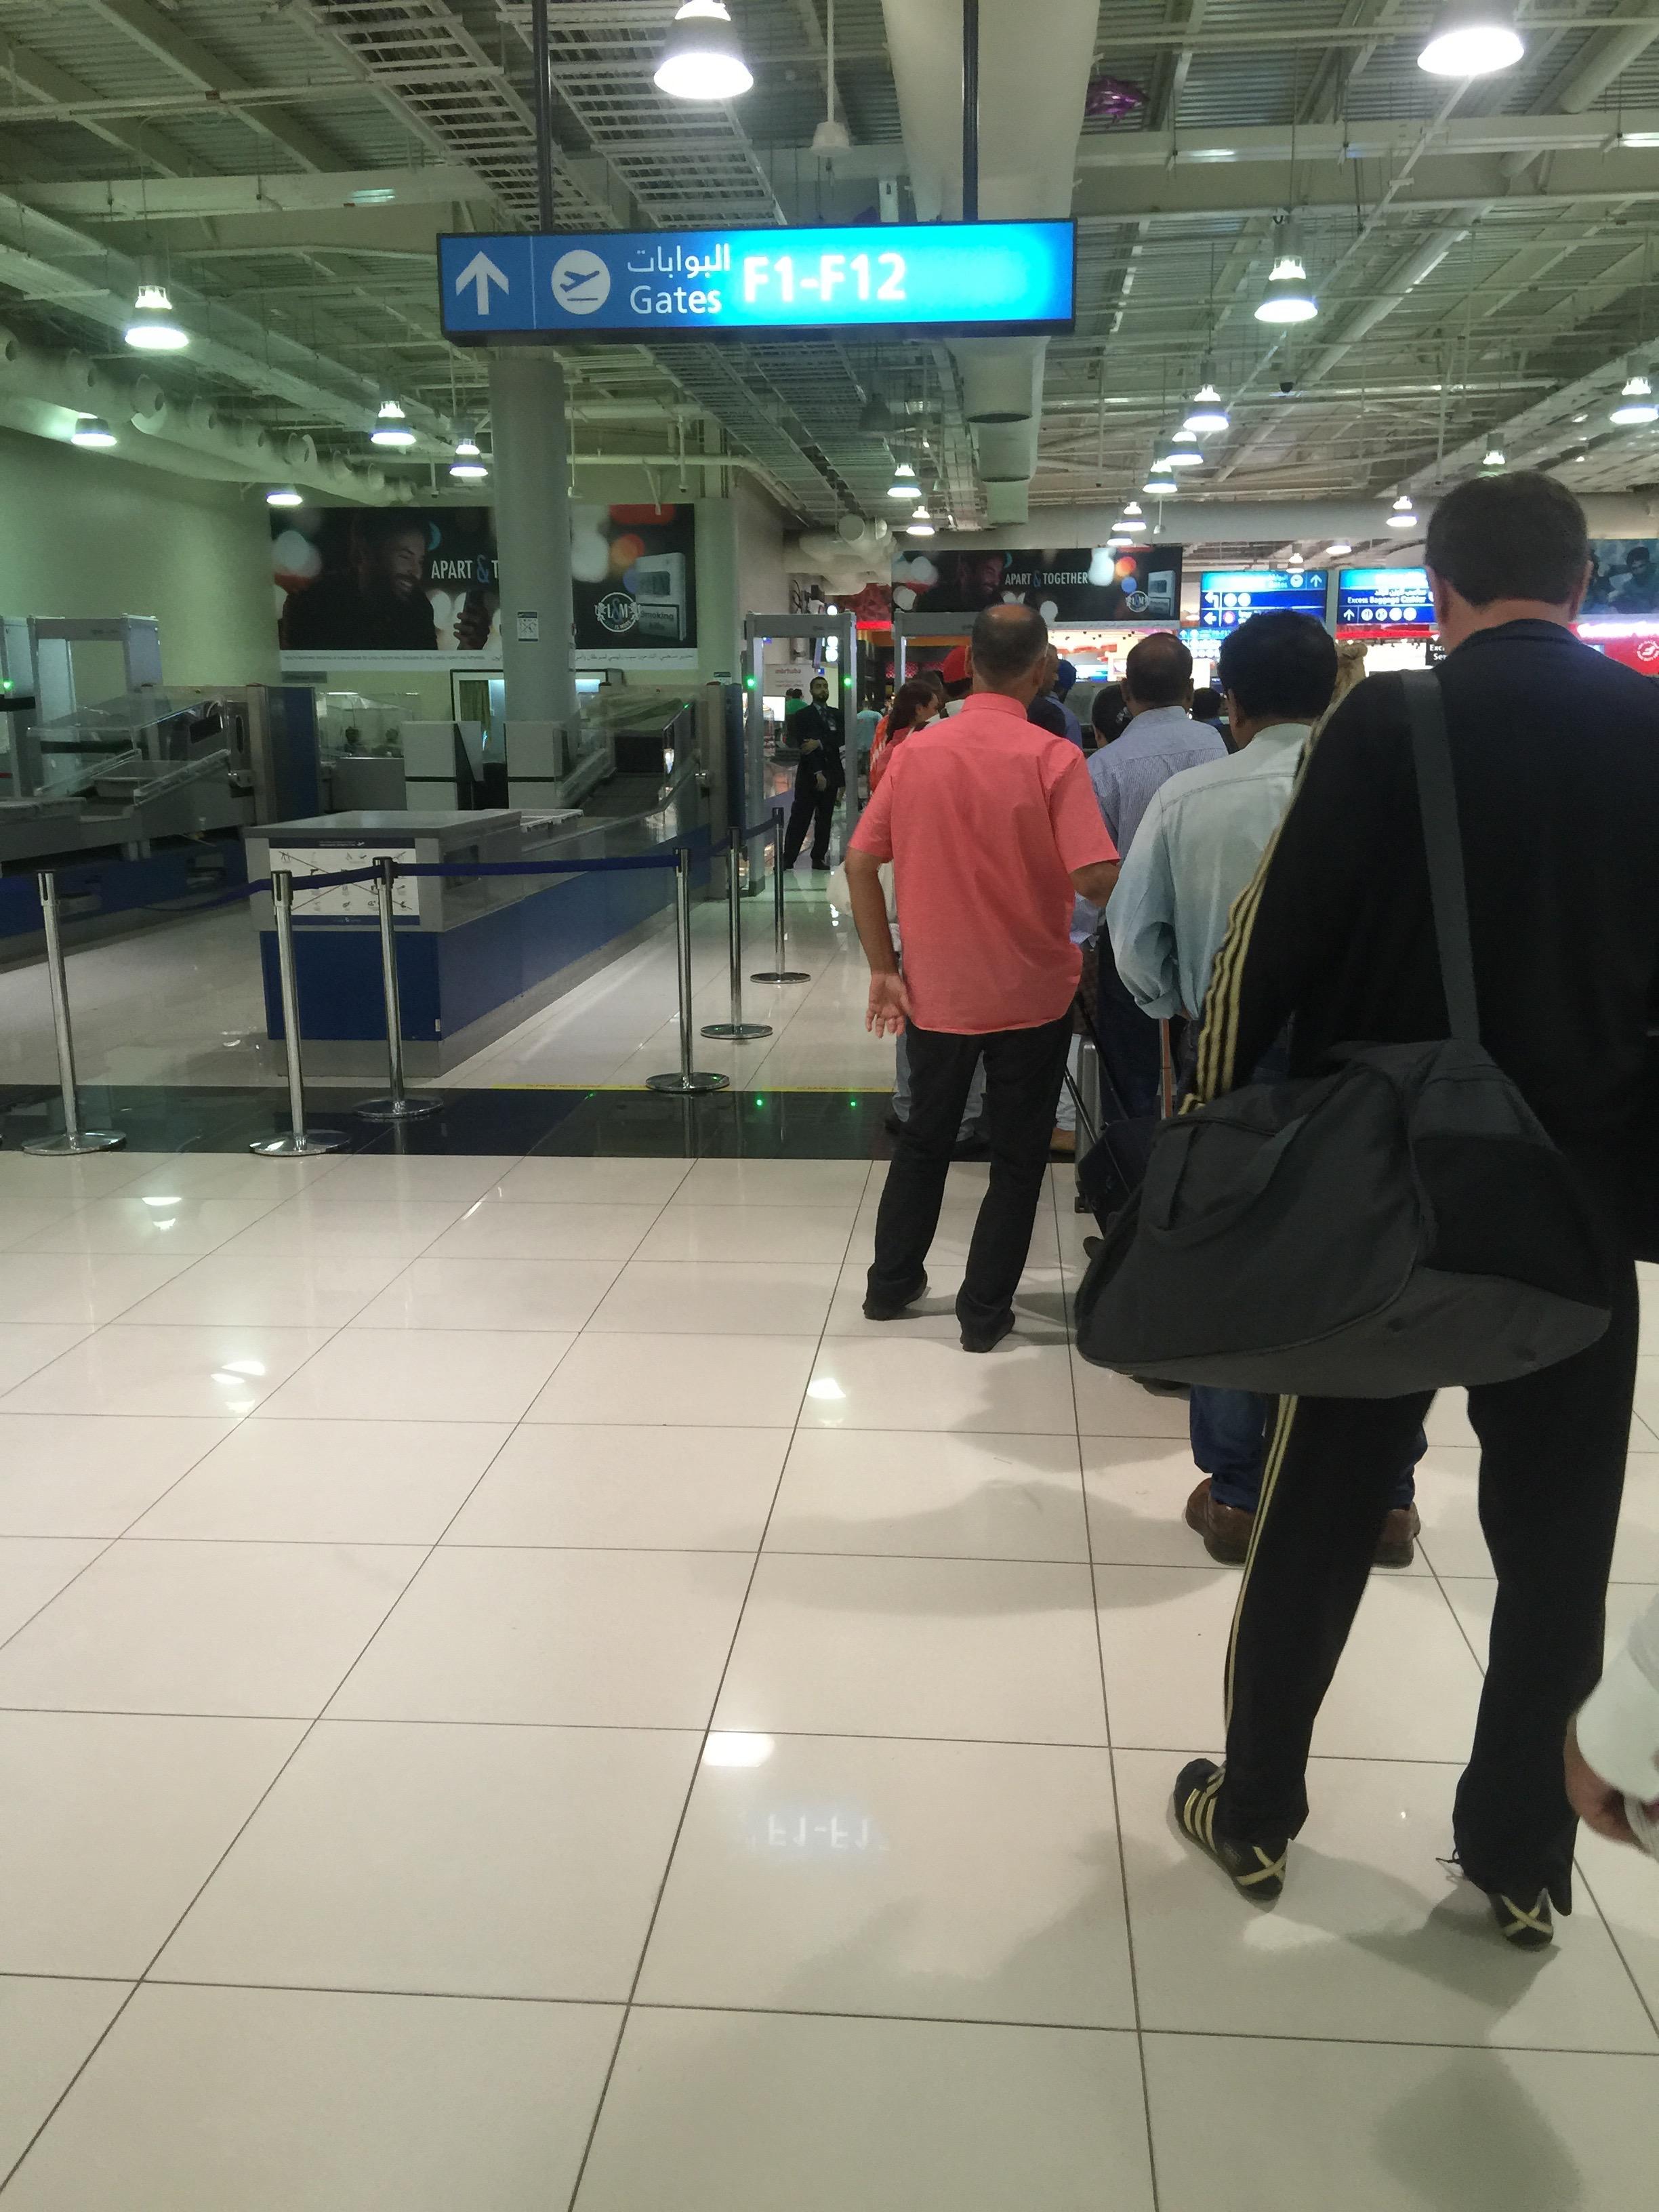 Dubai Emirates Terminal Check